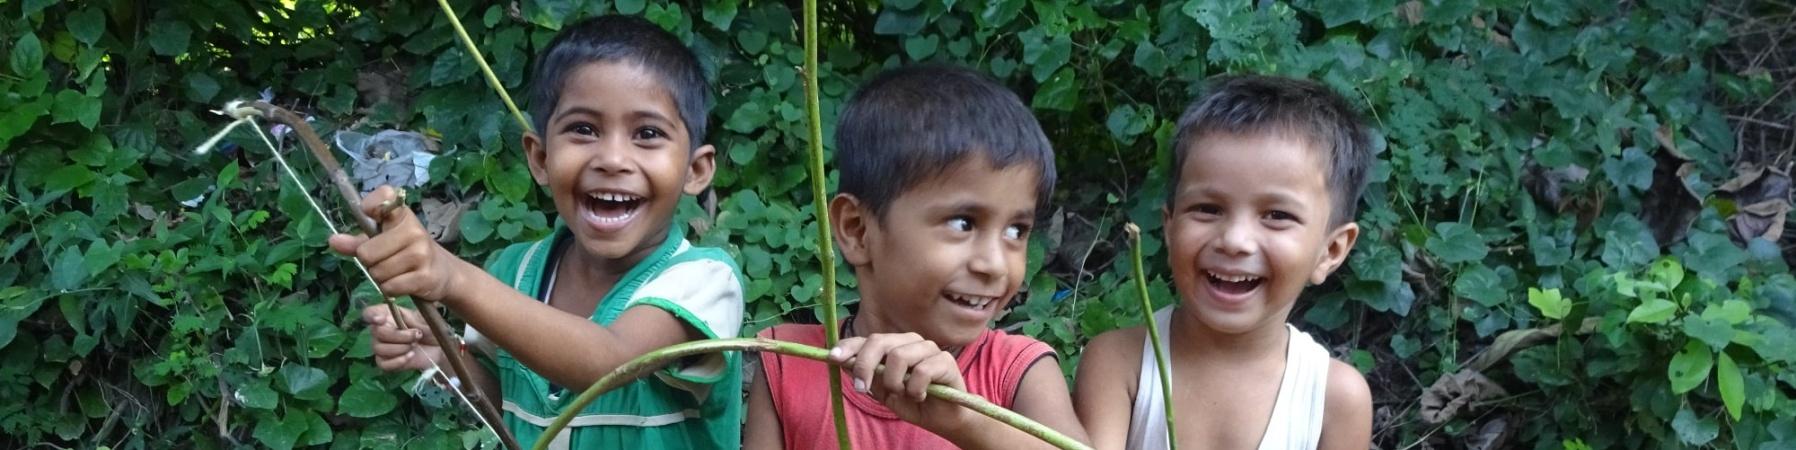 tre bambini indiani sorridenti con arco e freccia giocattolo che giocano insieme